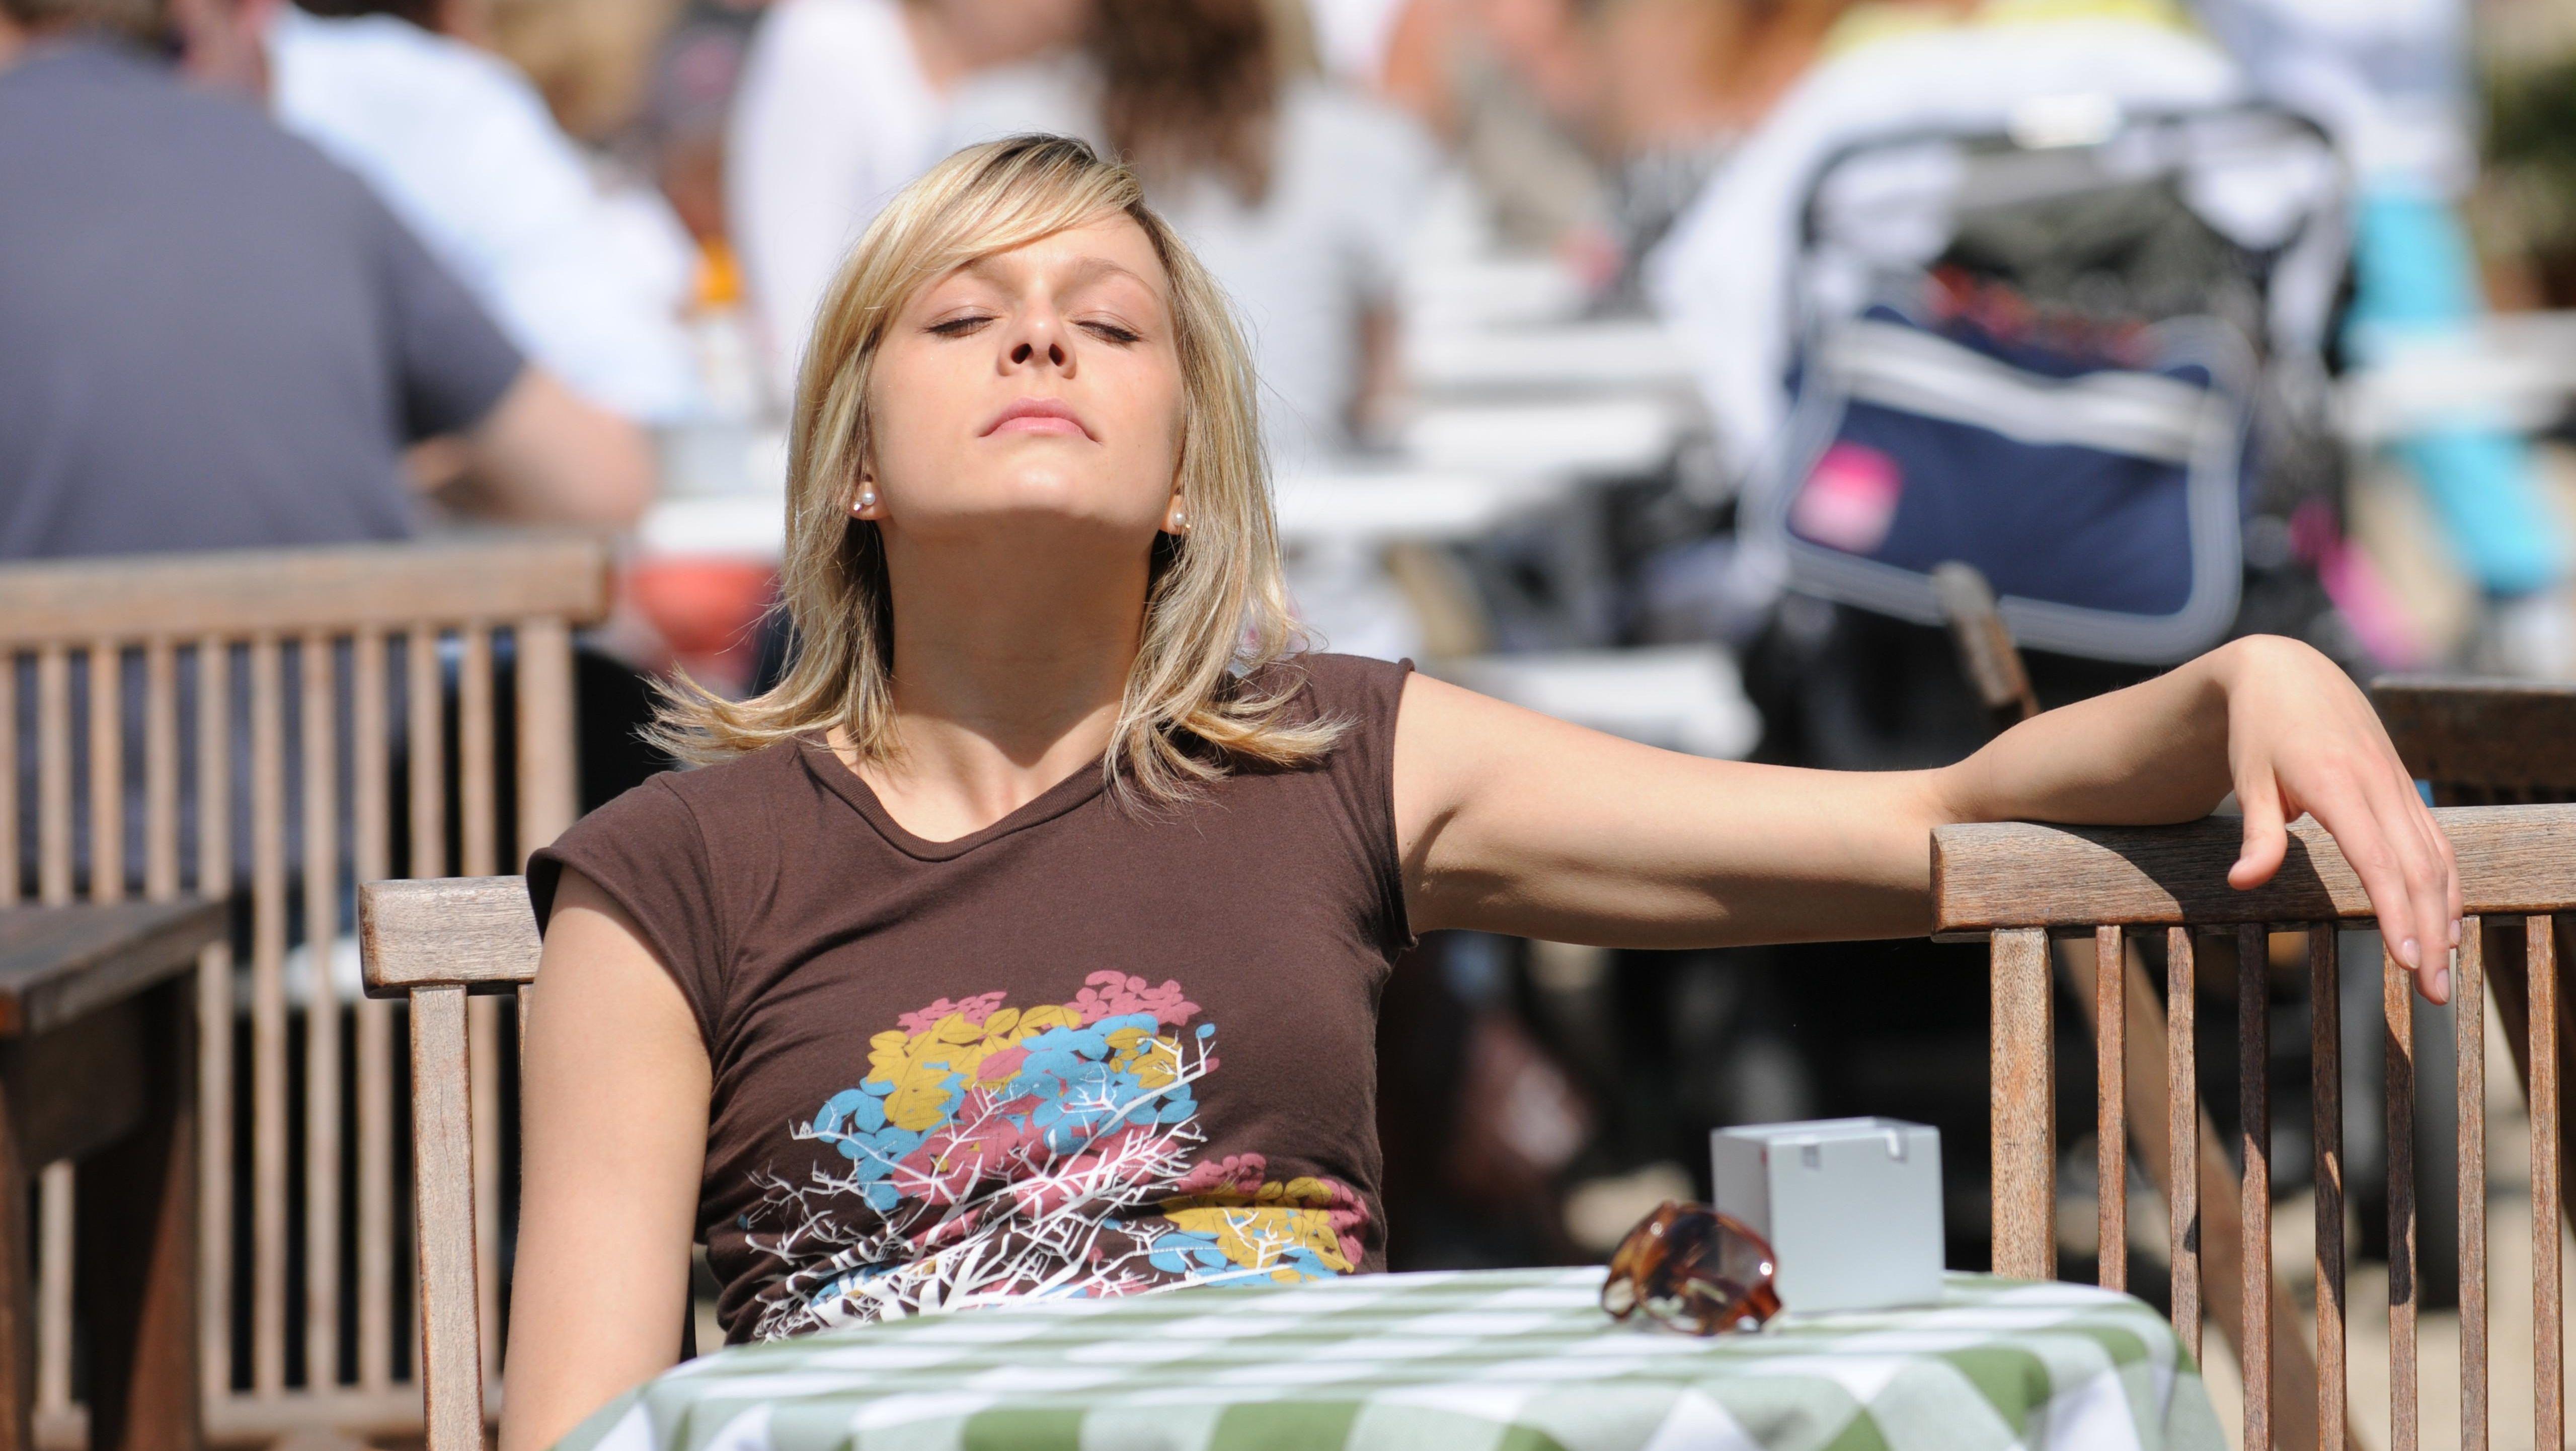 Junge blonde Frau sitzt in einem Café im Sonnenschein, sonnt sich, entspannt.